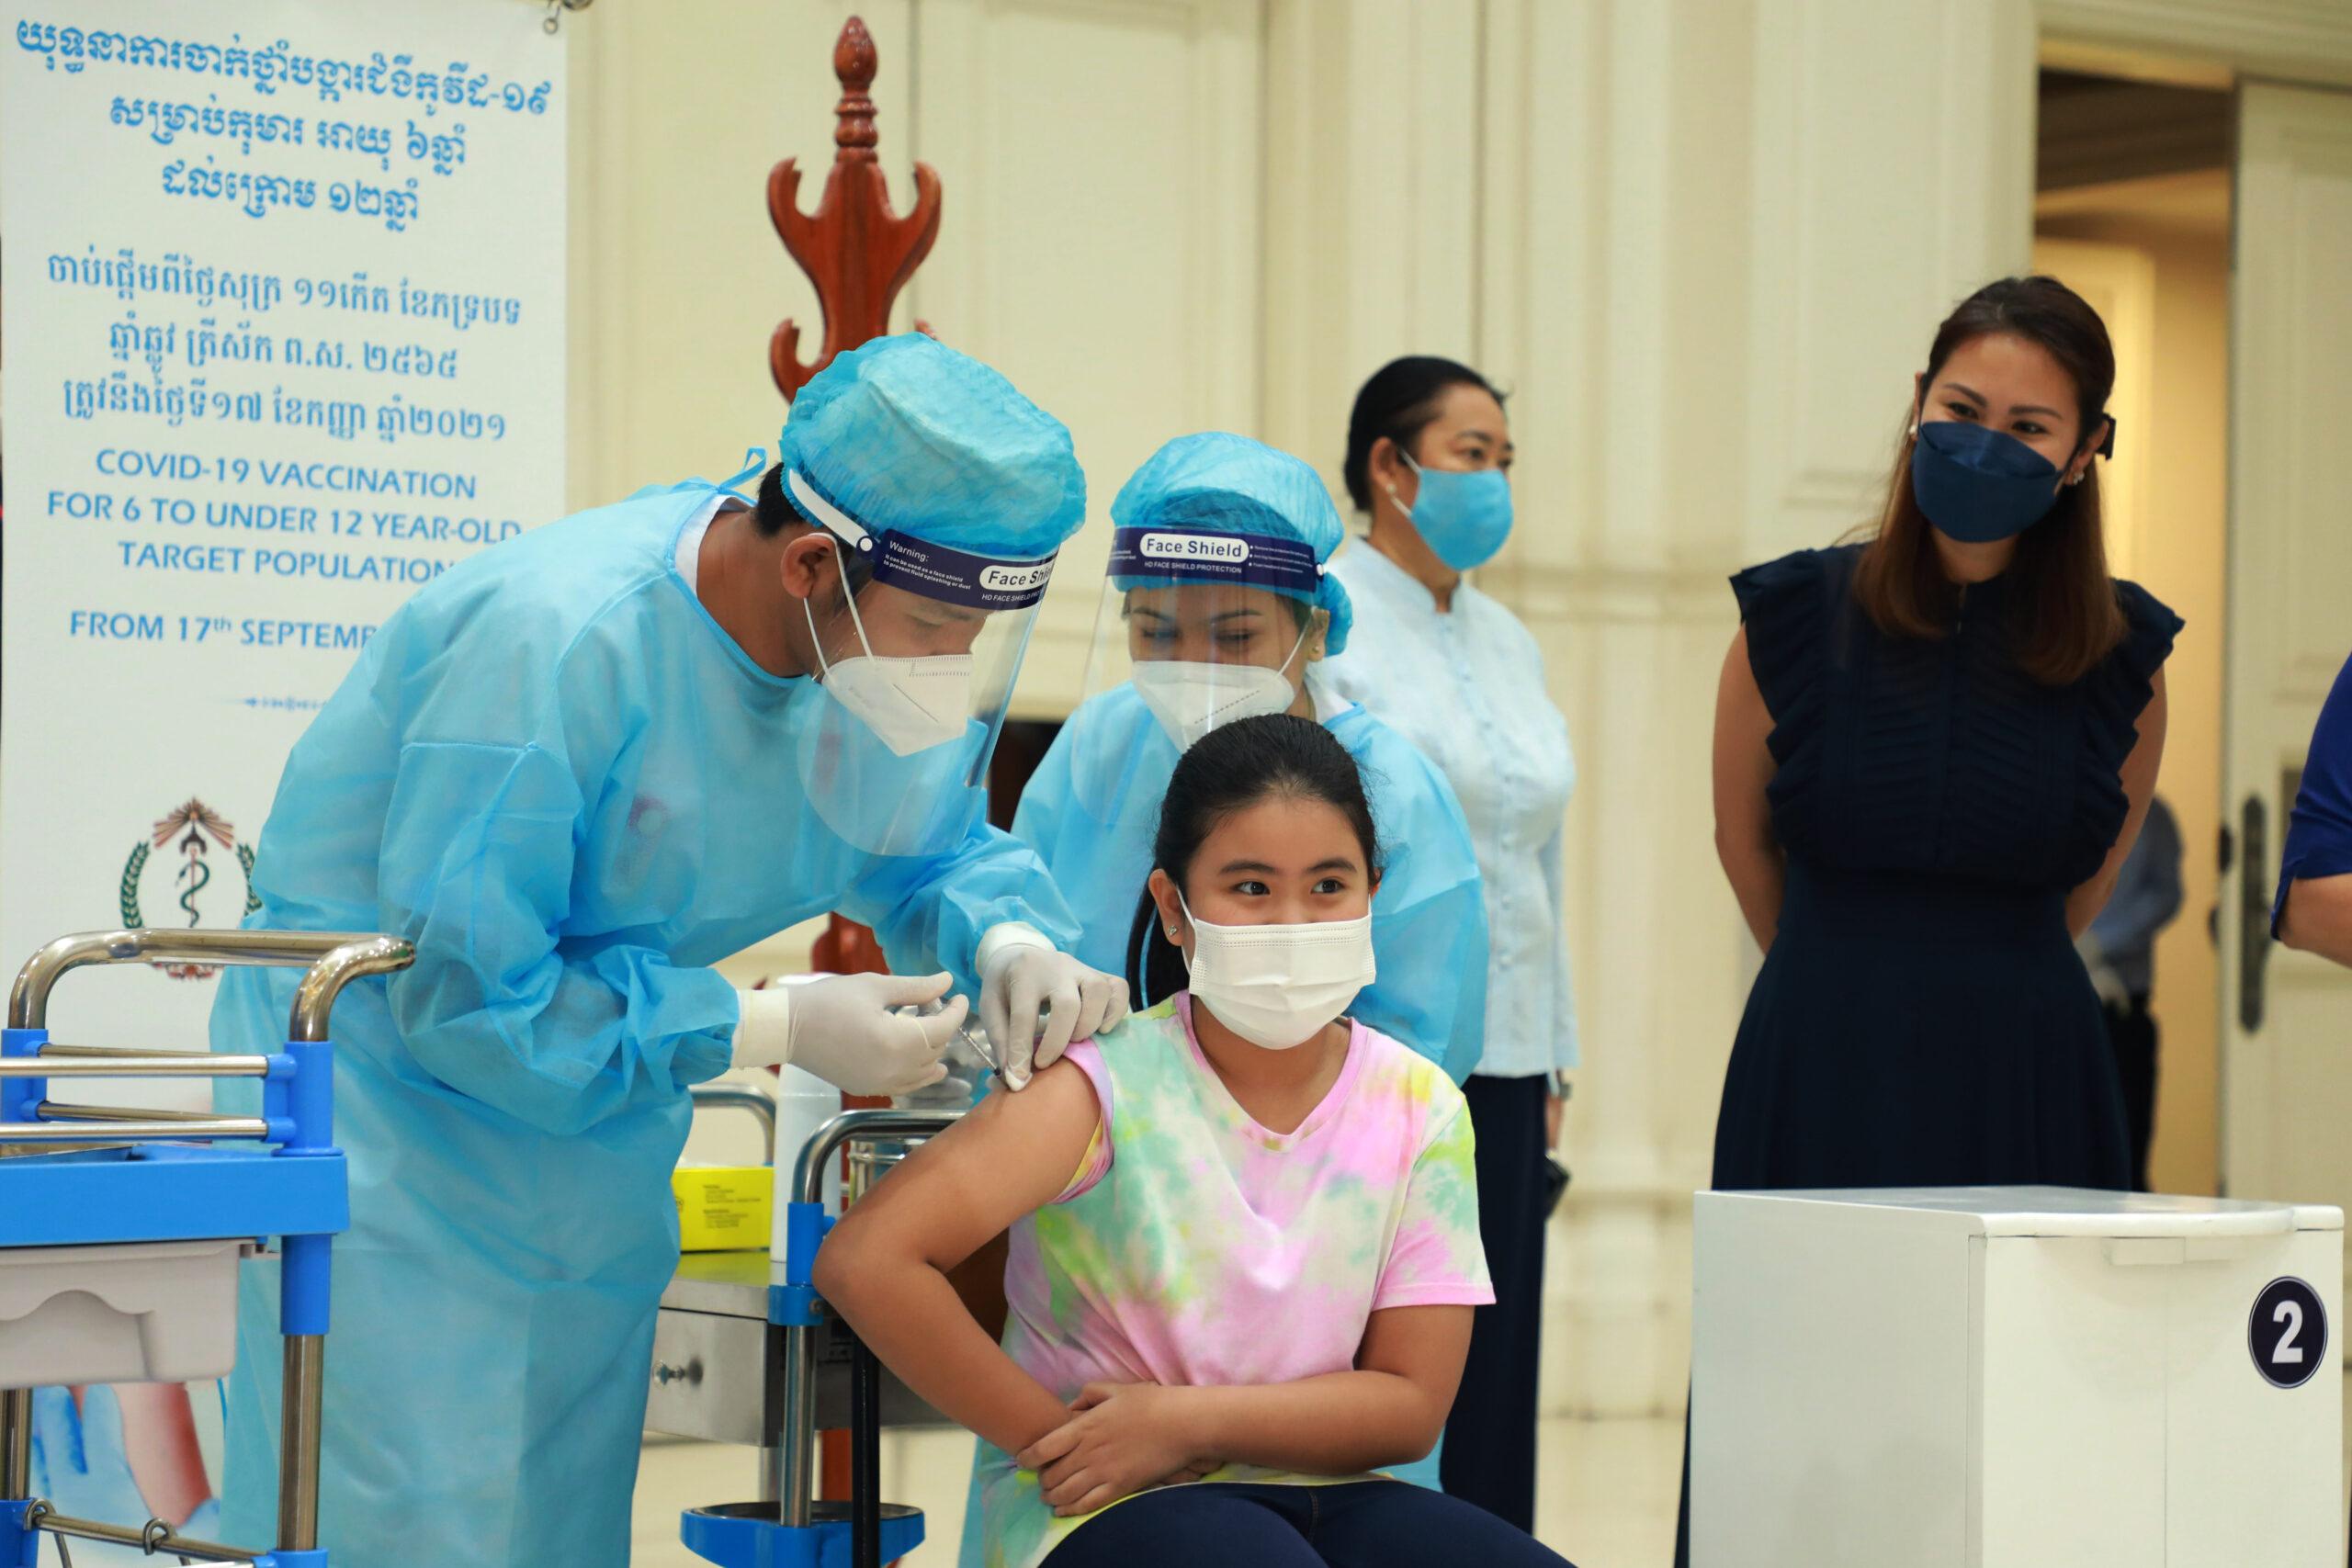 ชาว 'กัมพูชา' ฉีดวัคซีนโควิด-19 โดสแรก สูงแตะ 82% แล้ว